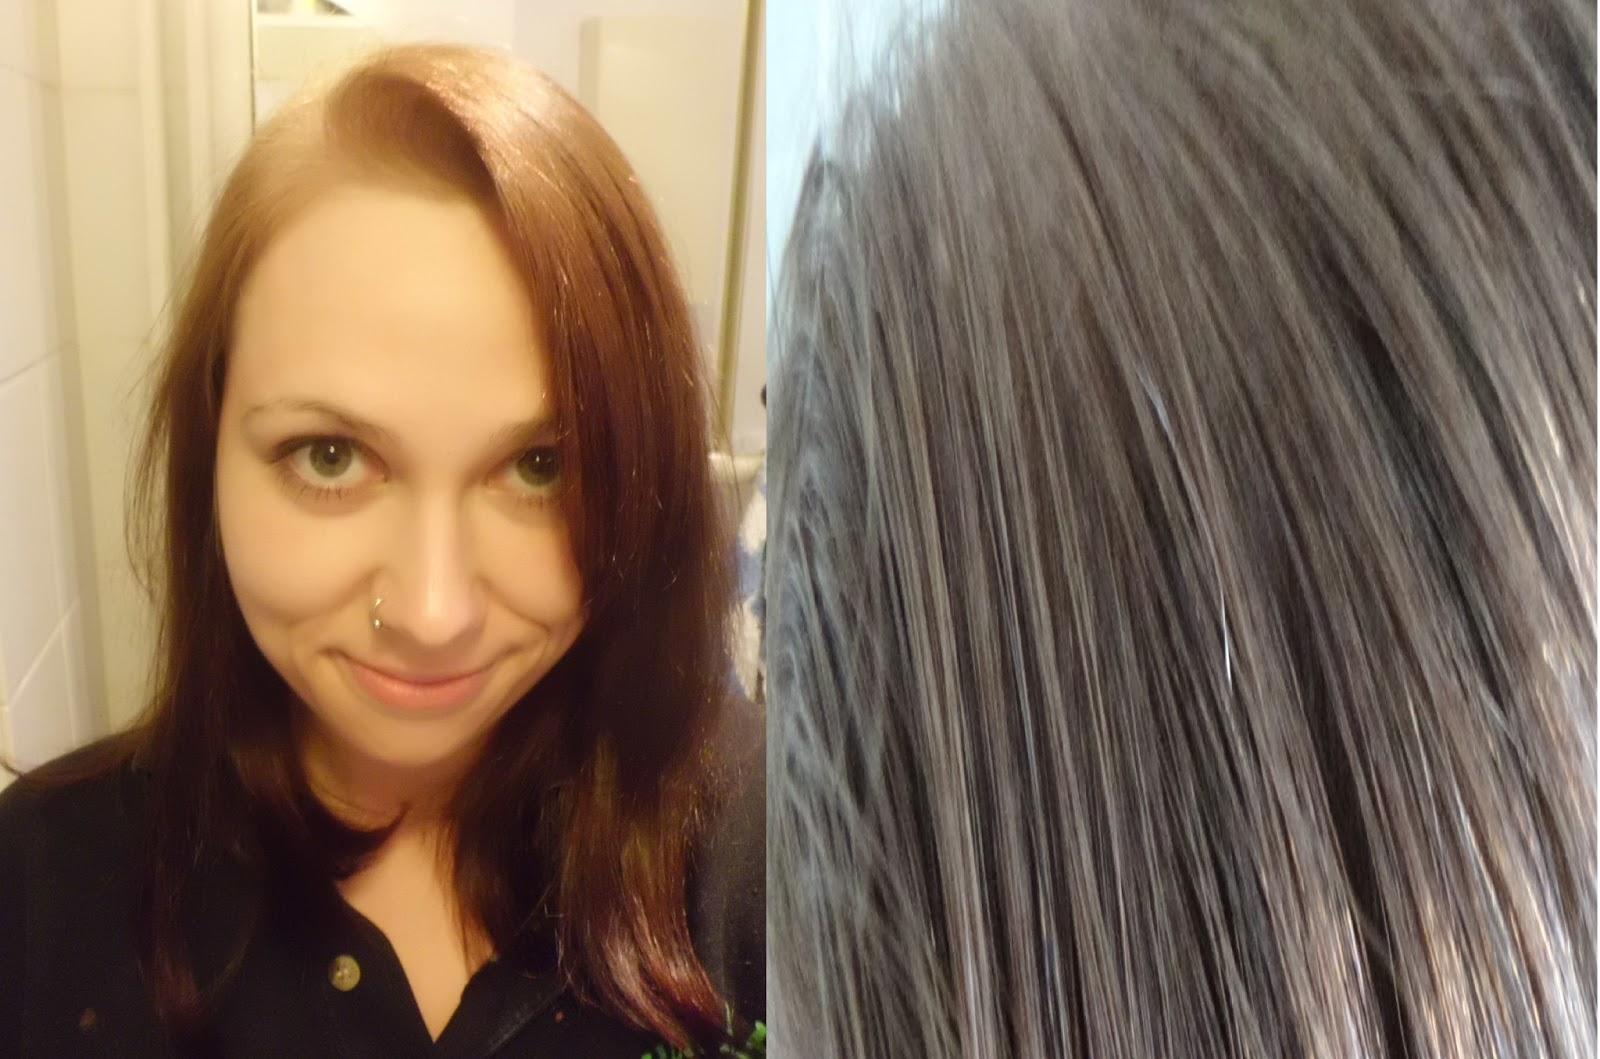 schwarze haare aufhellen